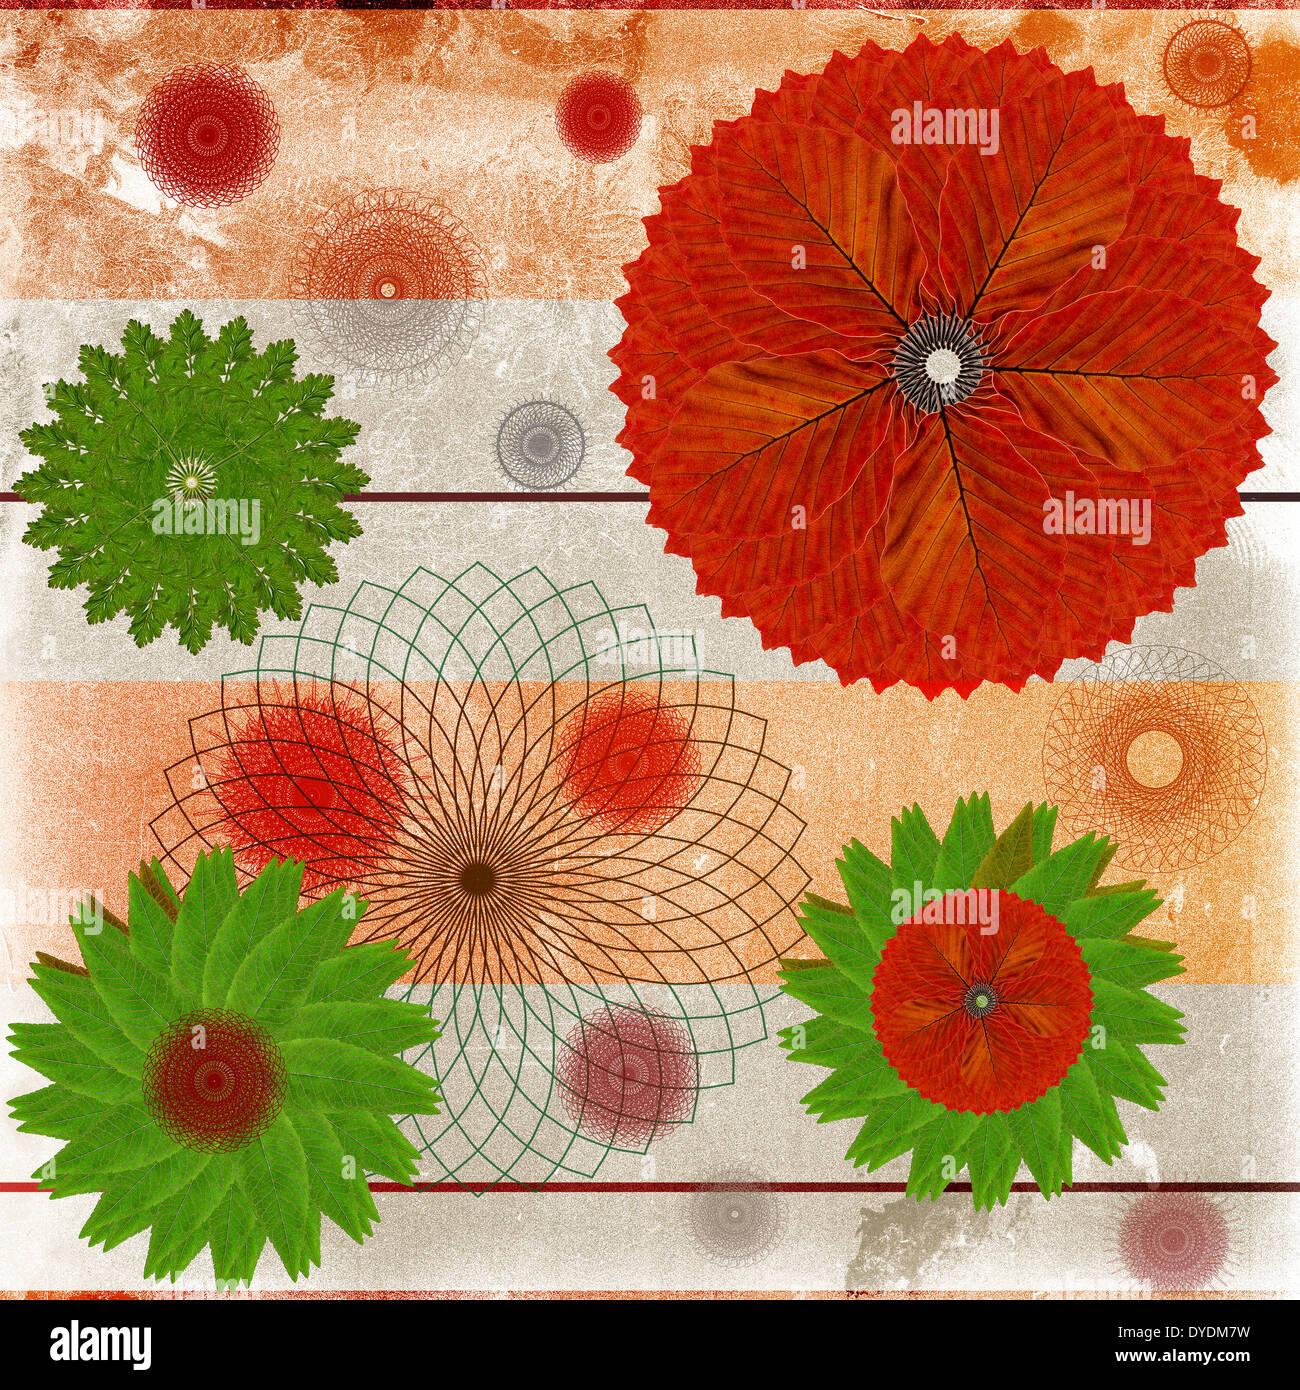 Resumen Antecedentes o tarjeta decorativo con diseños de hojas florales Imagen De Stock